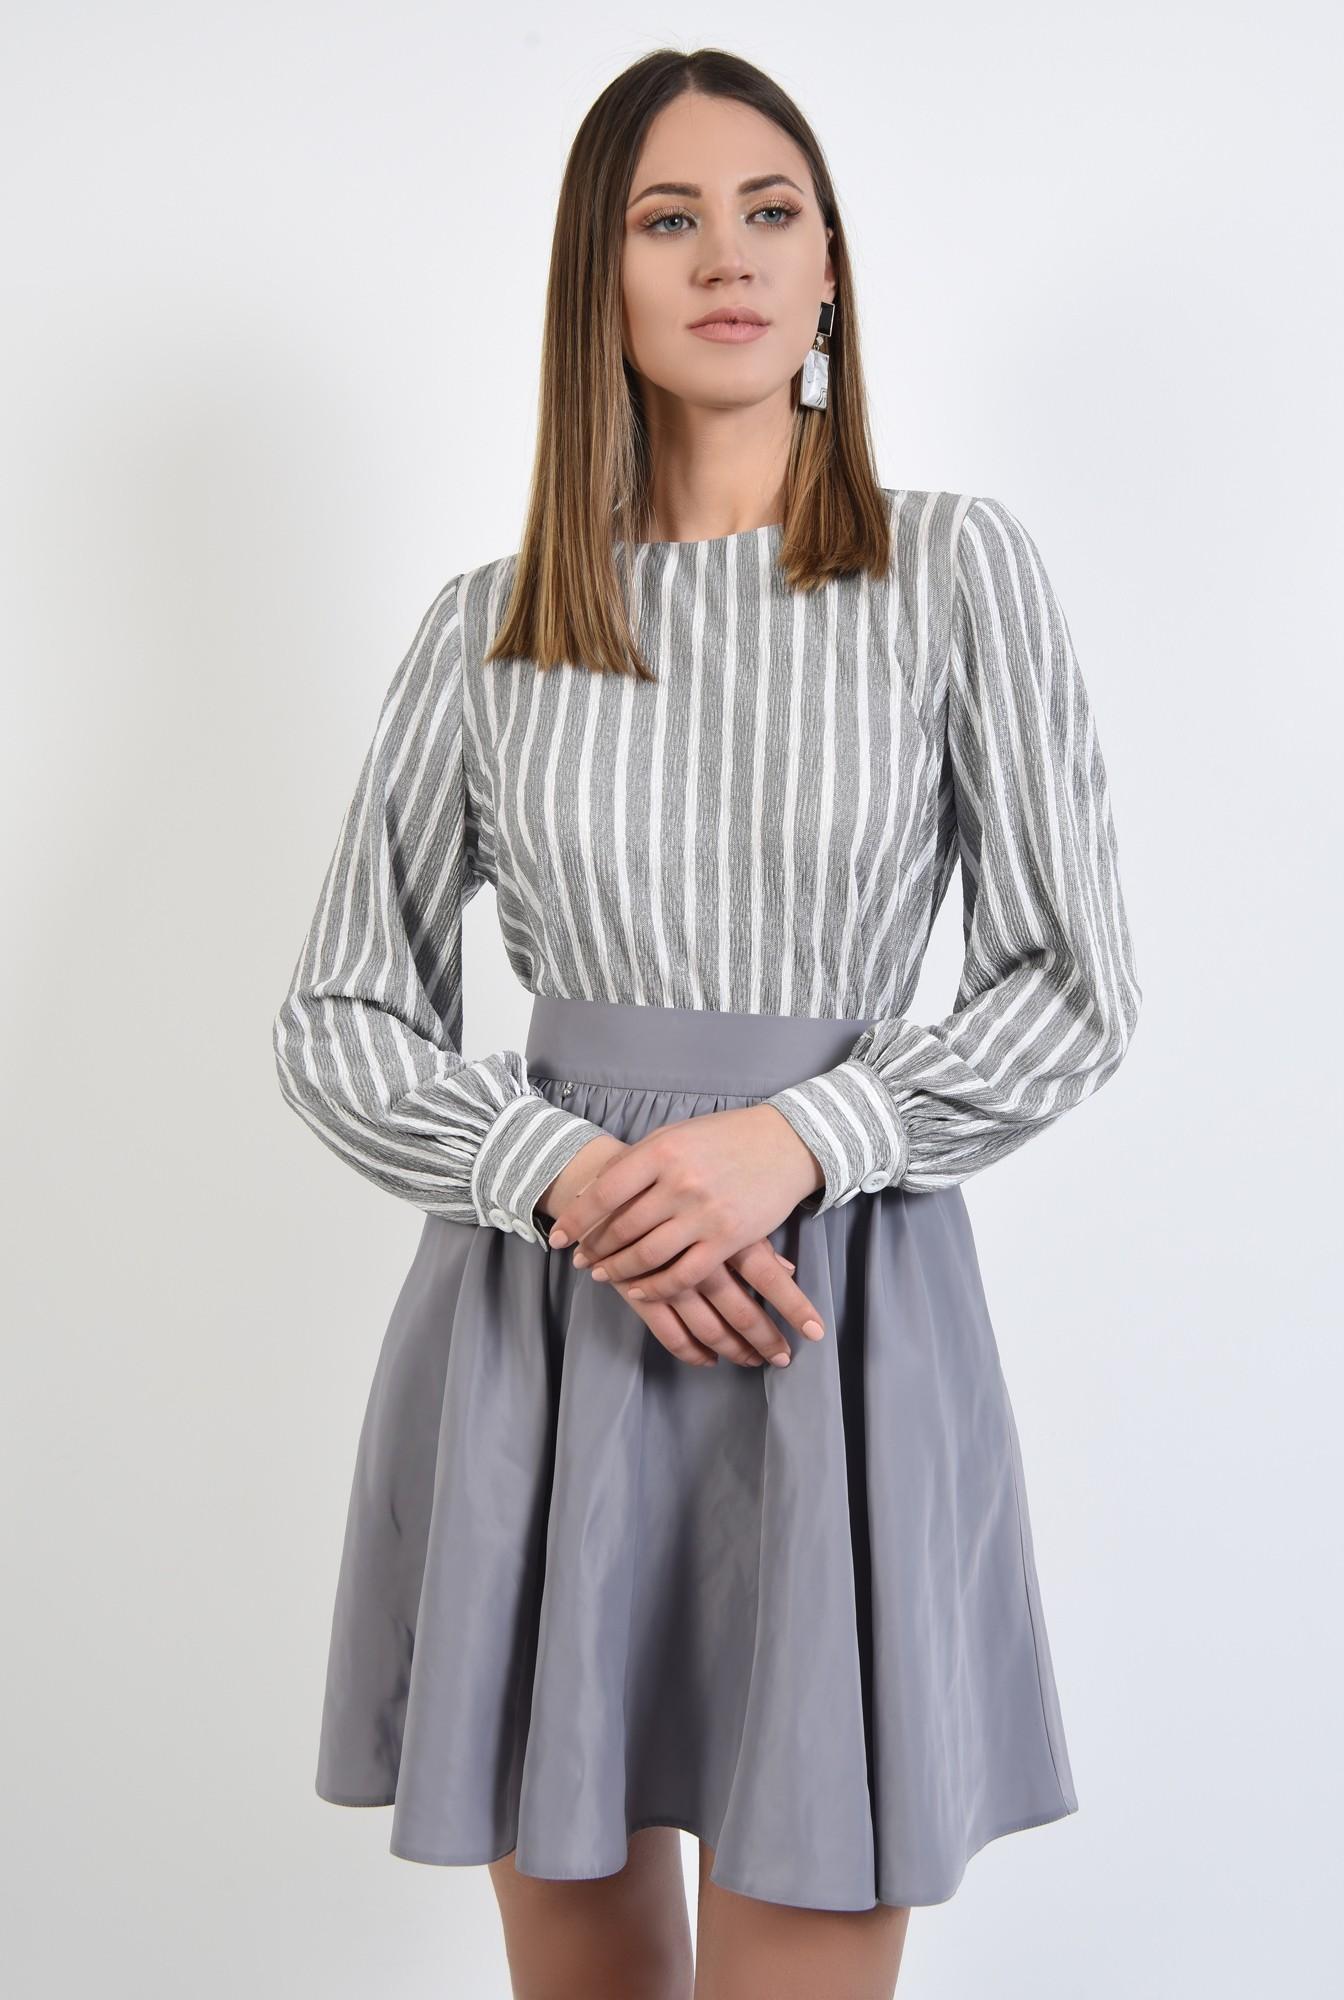 0 - 360 - bluza casual, dreapta, cu imprimeu, dungi alb-gri